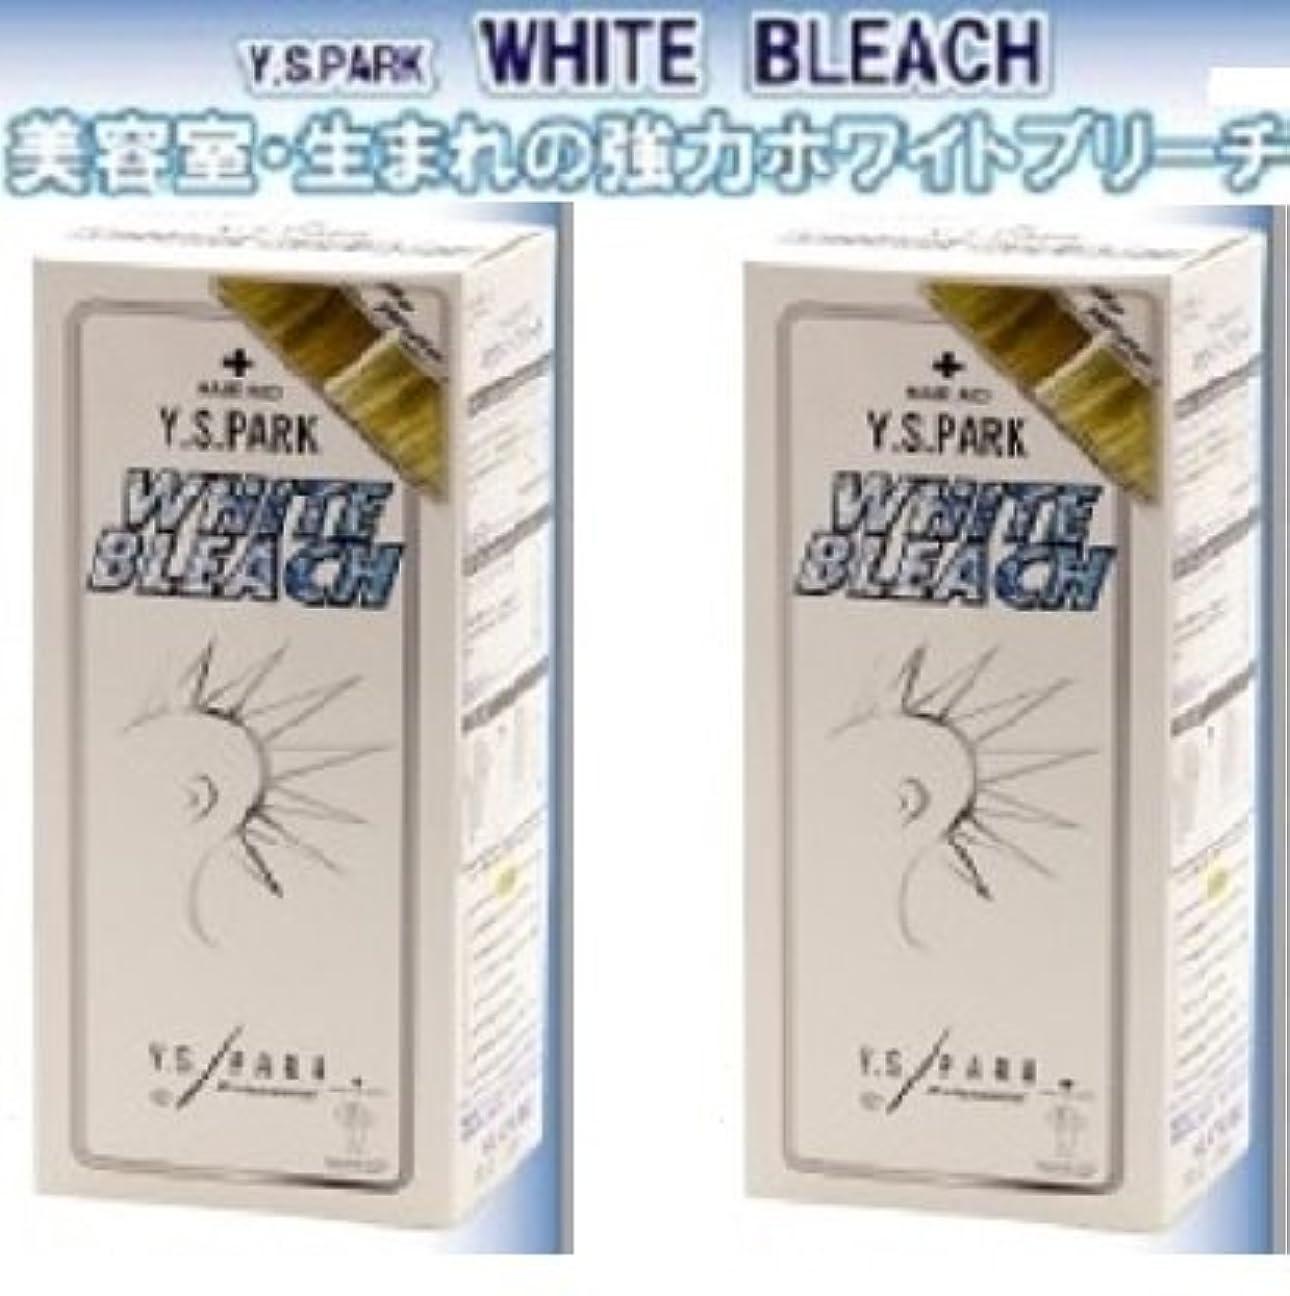 トランペット暗黙主張する【YSPARK 】ホワイトブリーチ ×2個セット(お得な2個組)美容室生まれの強力ホワイトブリーチ